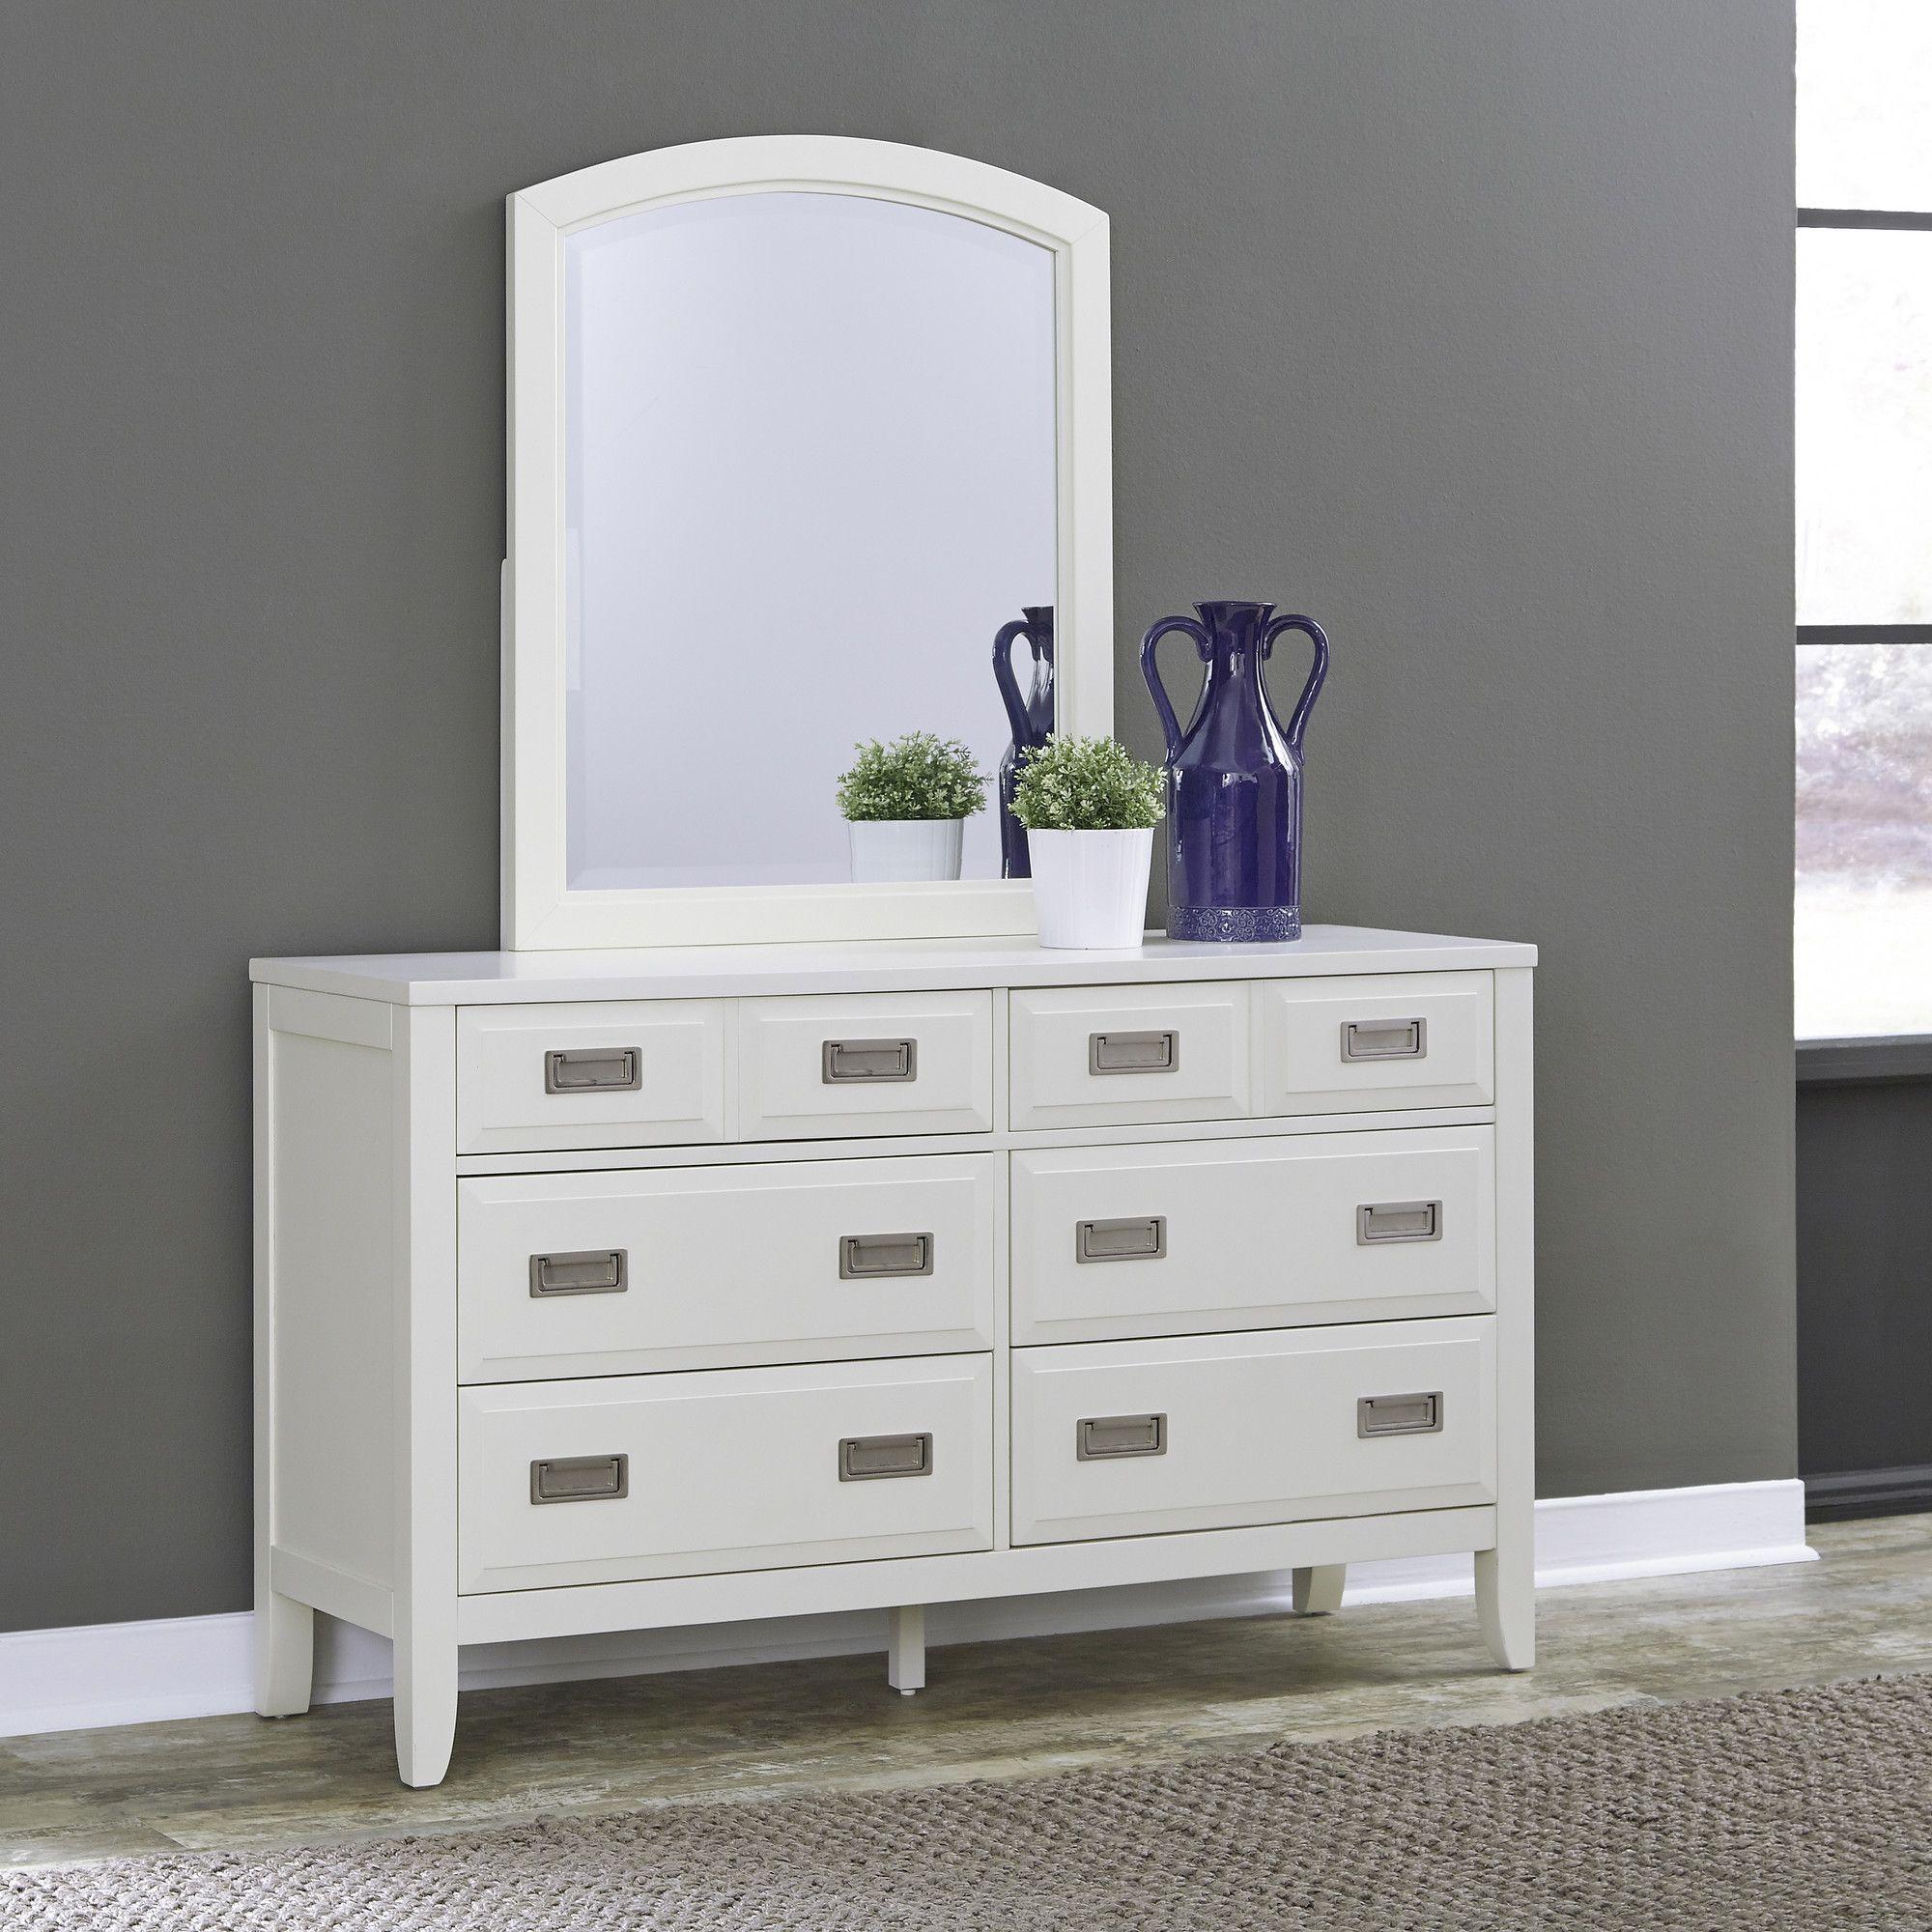 Newport 6 Drawer Dresser with Mirror Dresser with mirror